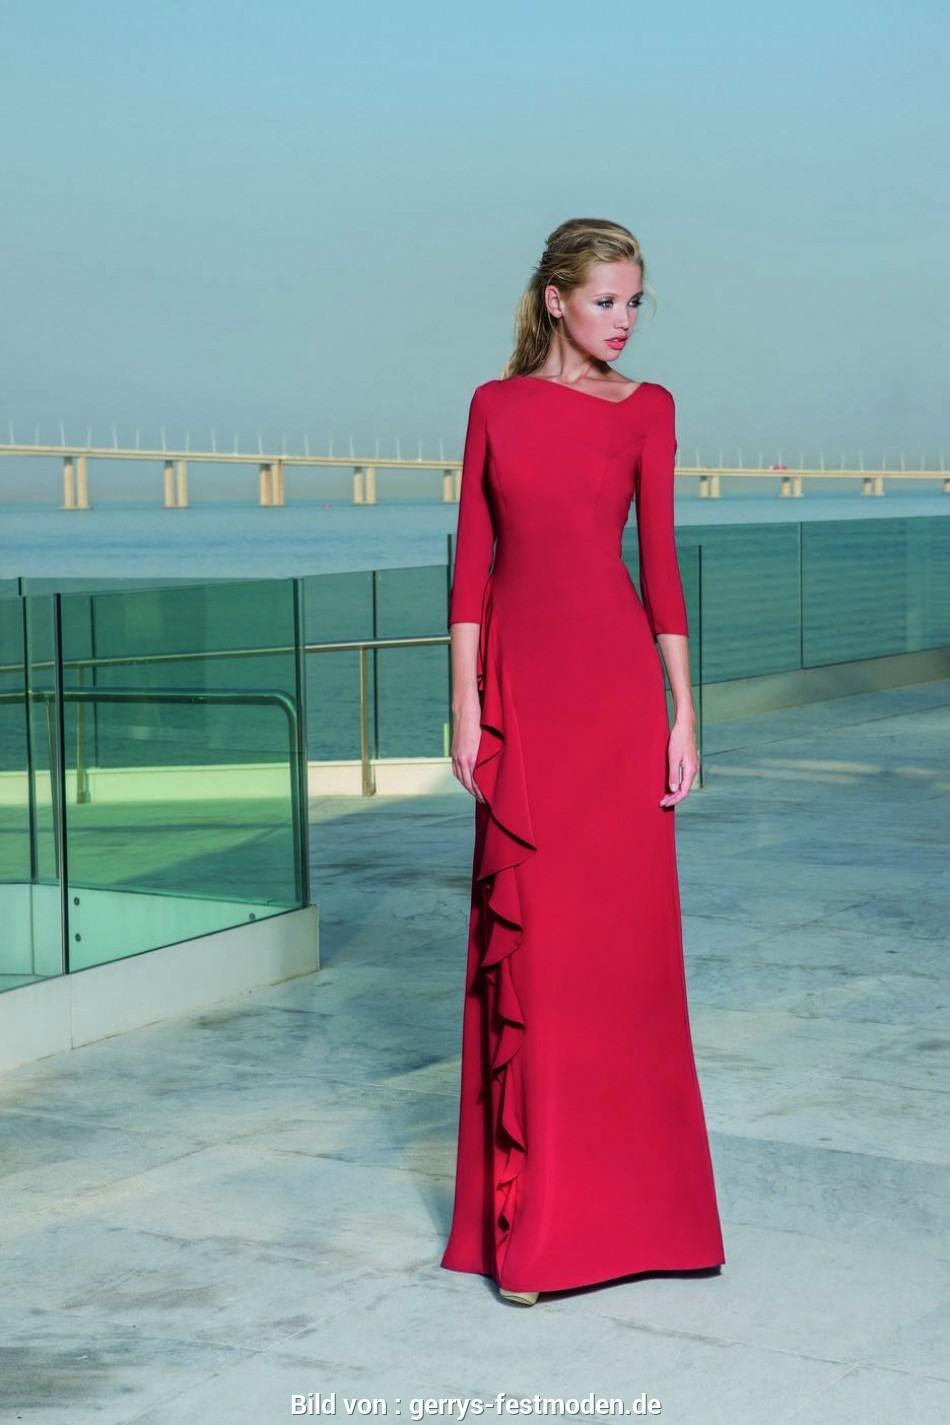 Formal Top Abendkleid Verleih Galerie15 Ausgezeichnet Abendkleid Verleih Stylish